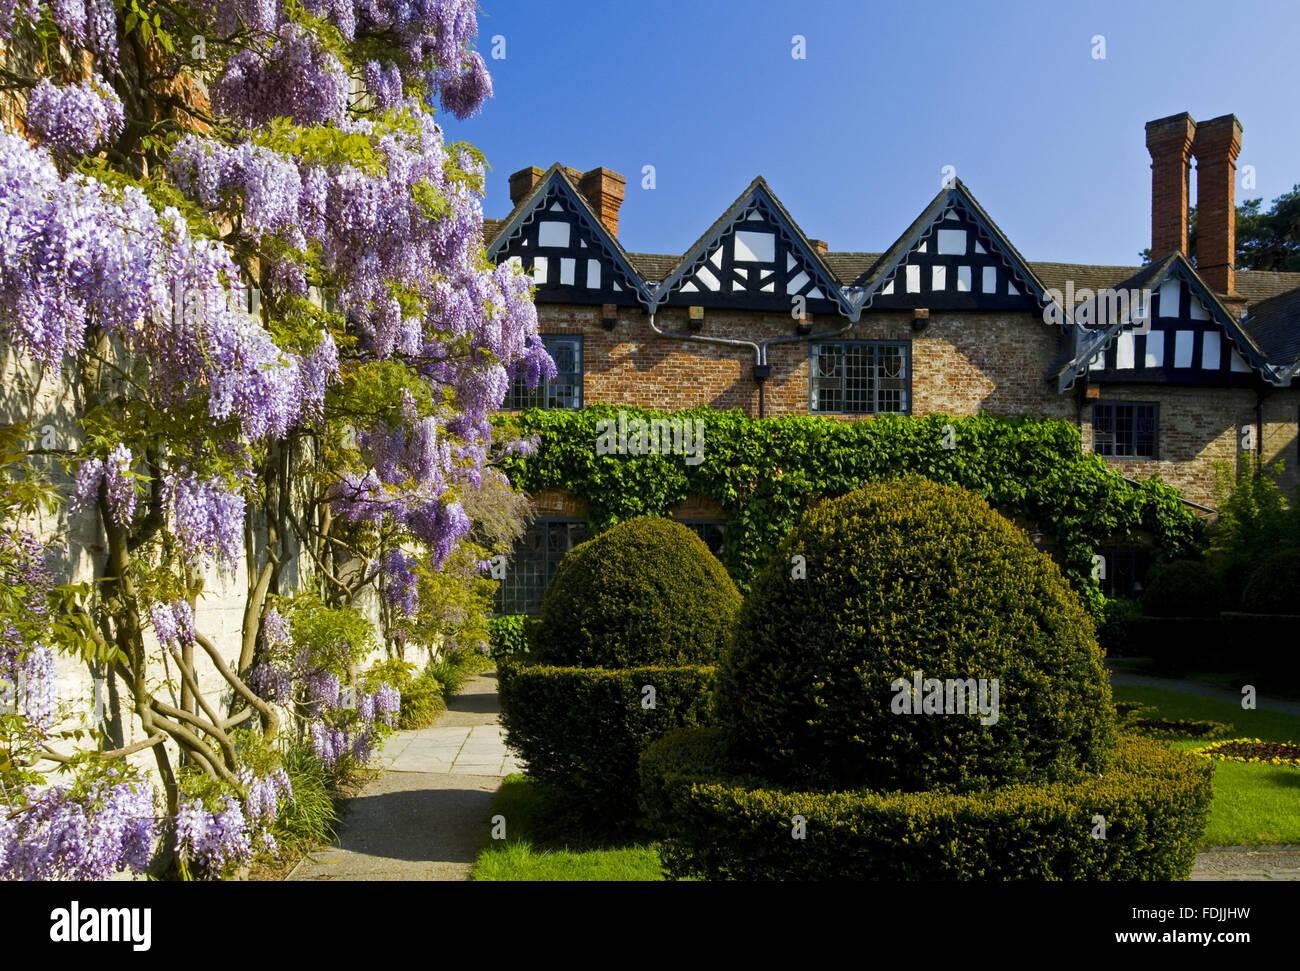 Topiaria da glicine e nel cortile in maggio a Baddesley Clinton, Warwickshire. Foto Stock